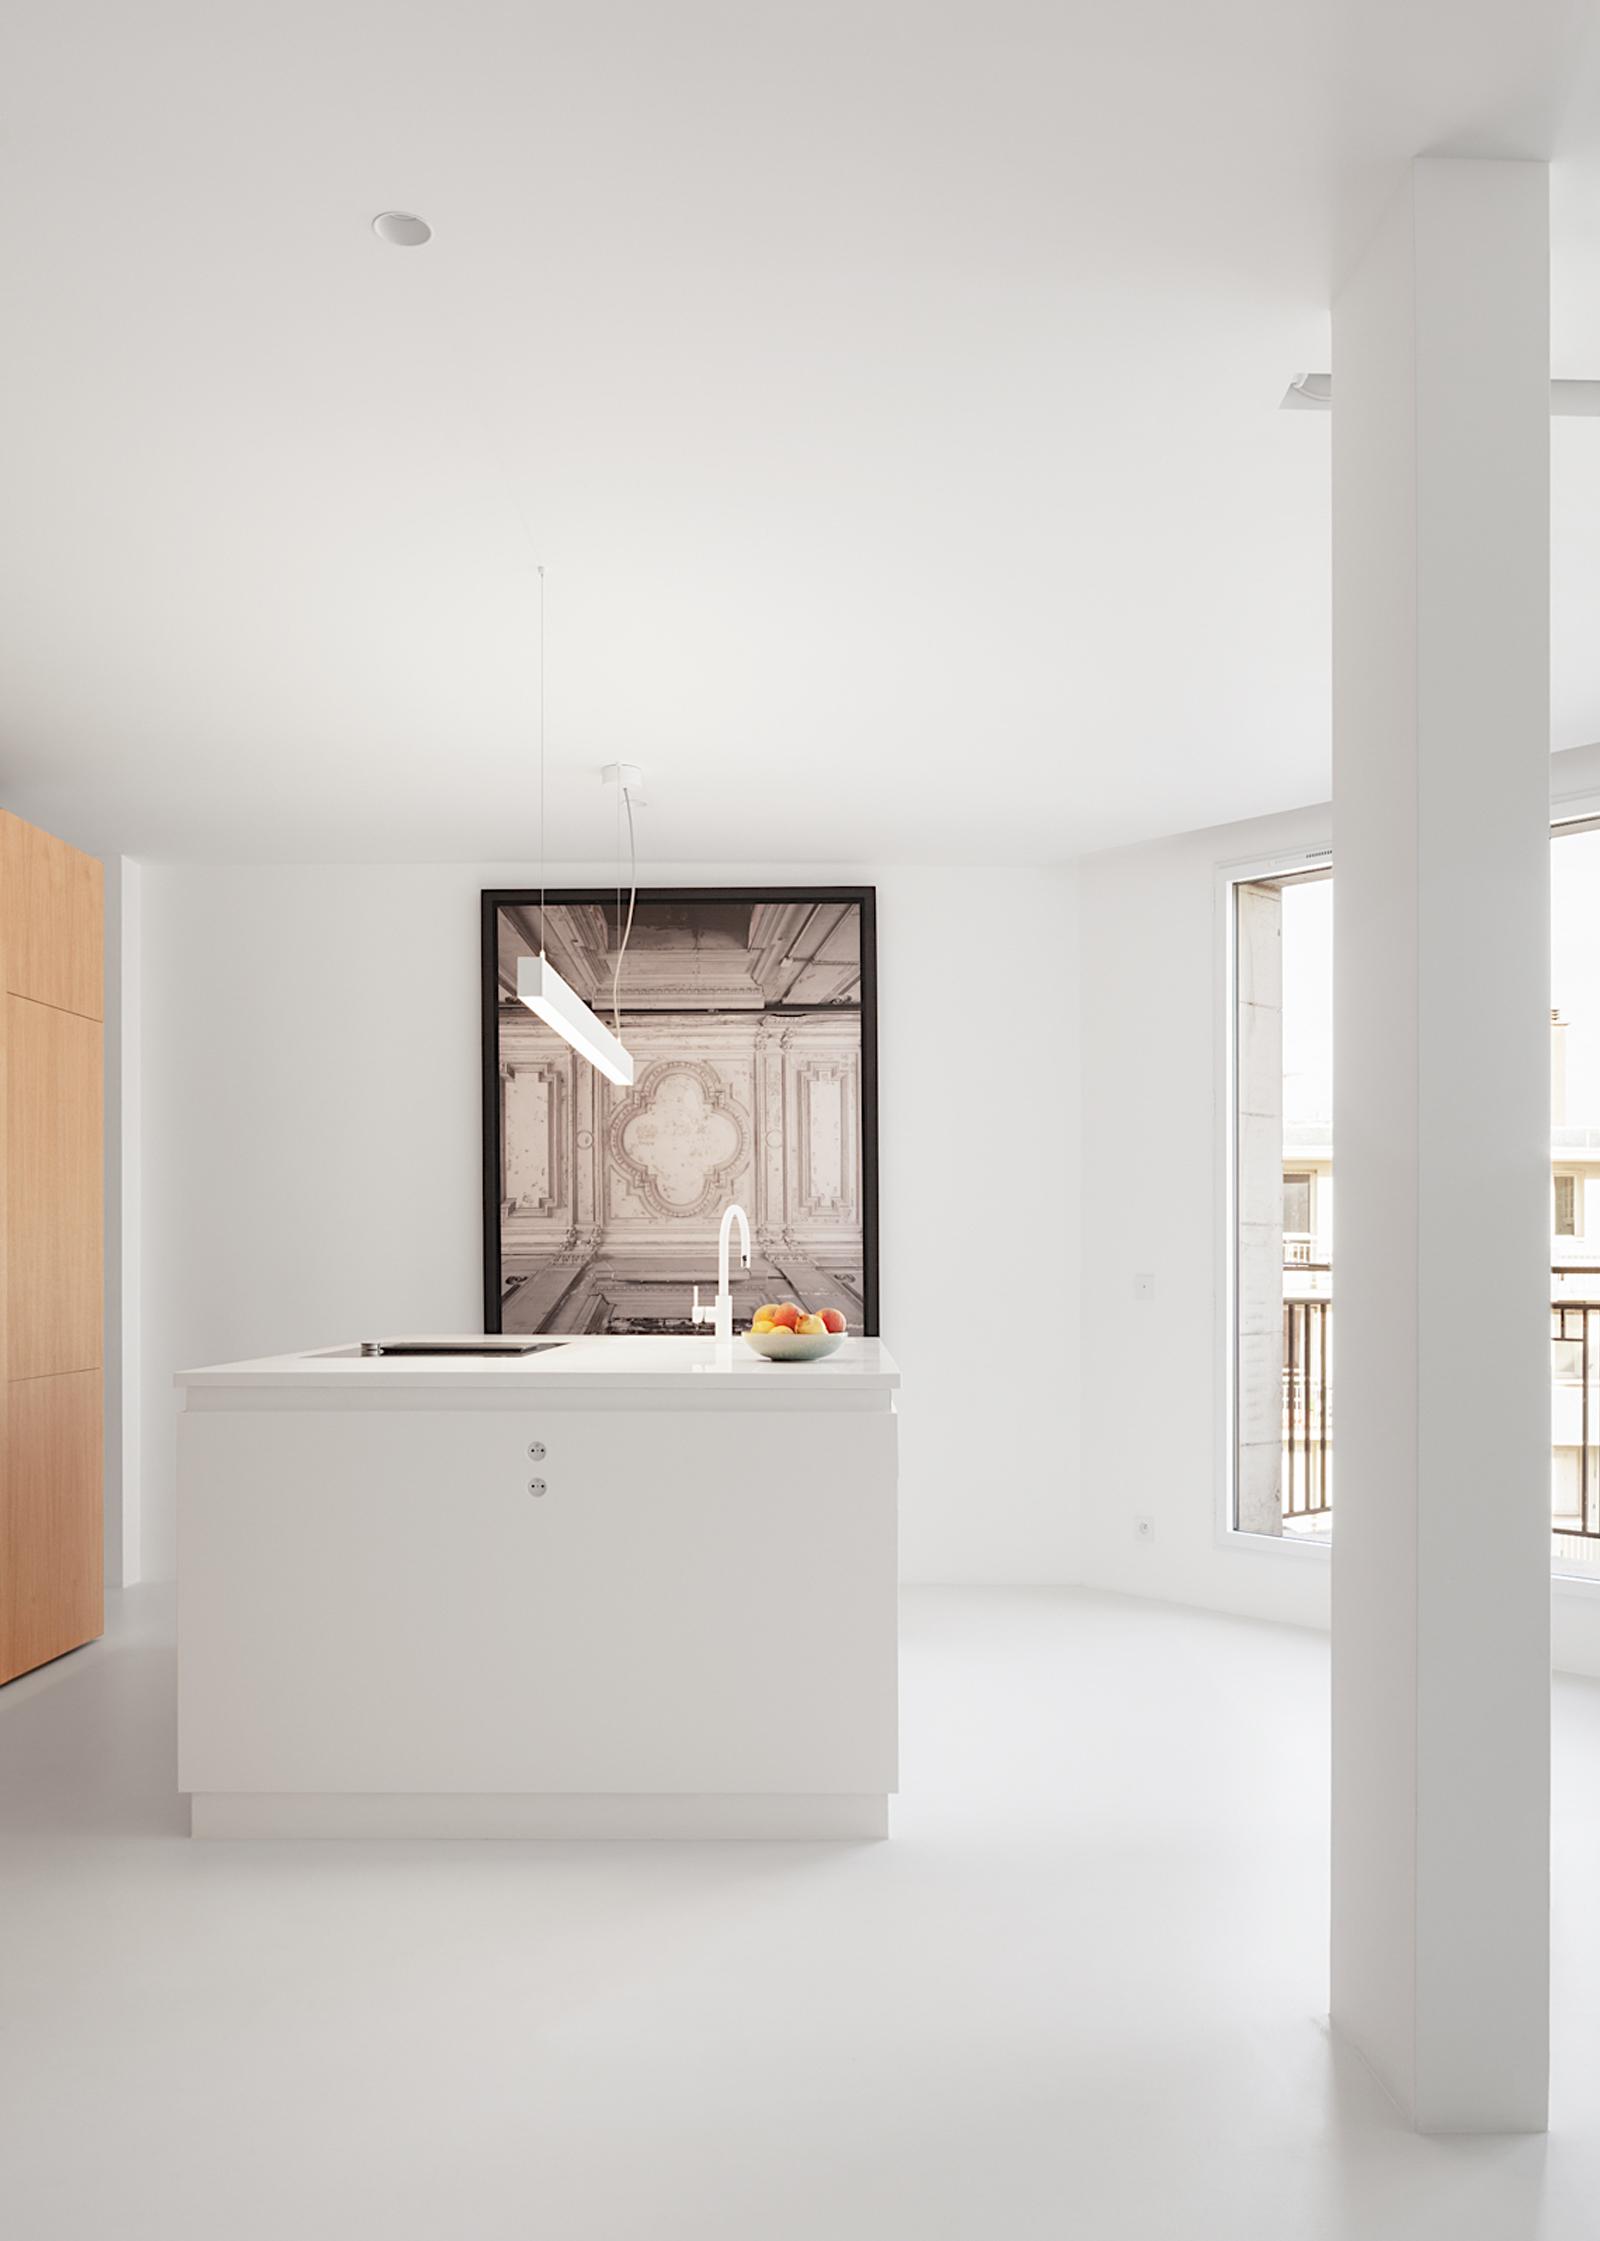 appartement S - heros architecture architecte intérieur parisien paris appartement logement rénovation réhabilitation extension restructuration minimaliste design épuré